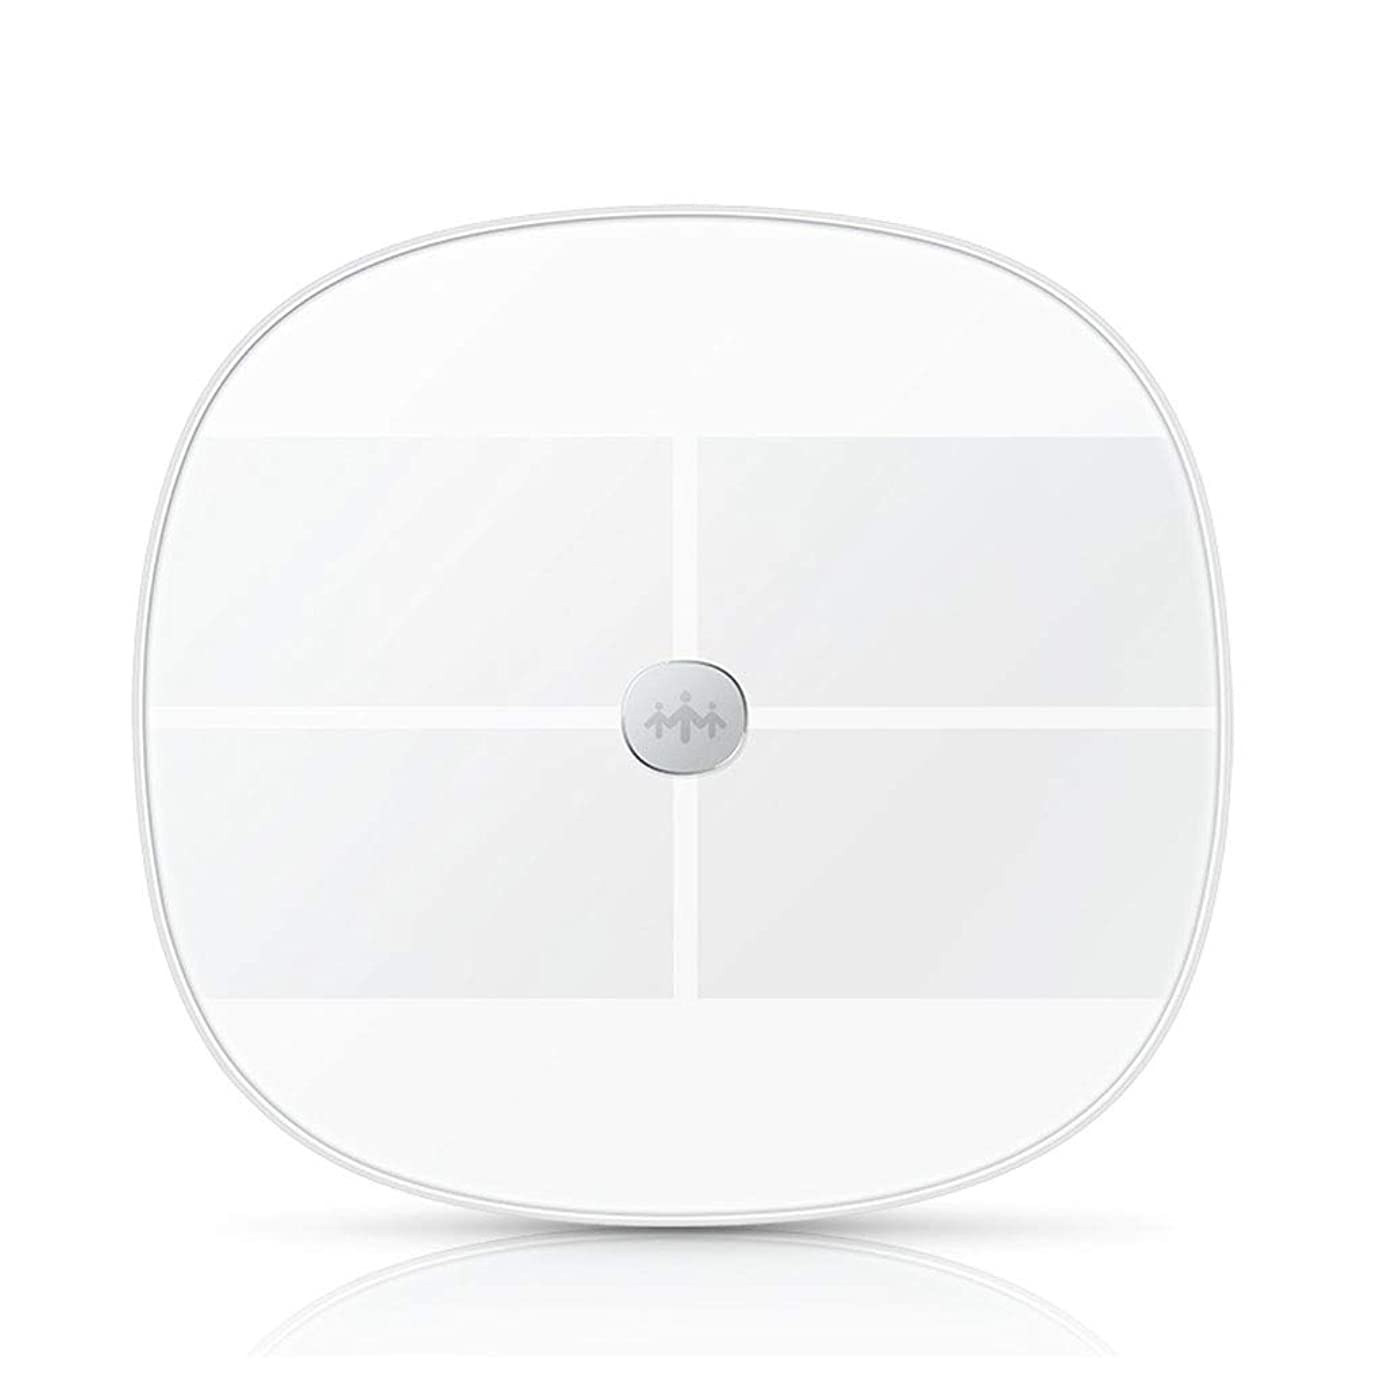 窓勧めるを除くAA + 金属硝子体脂肪計、電子体重計、超薄型デジタル体重計、高精度センサー - ガラス(ピンク)ダイレクト30.5cm